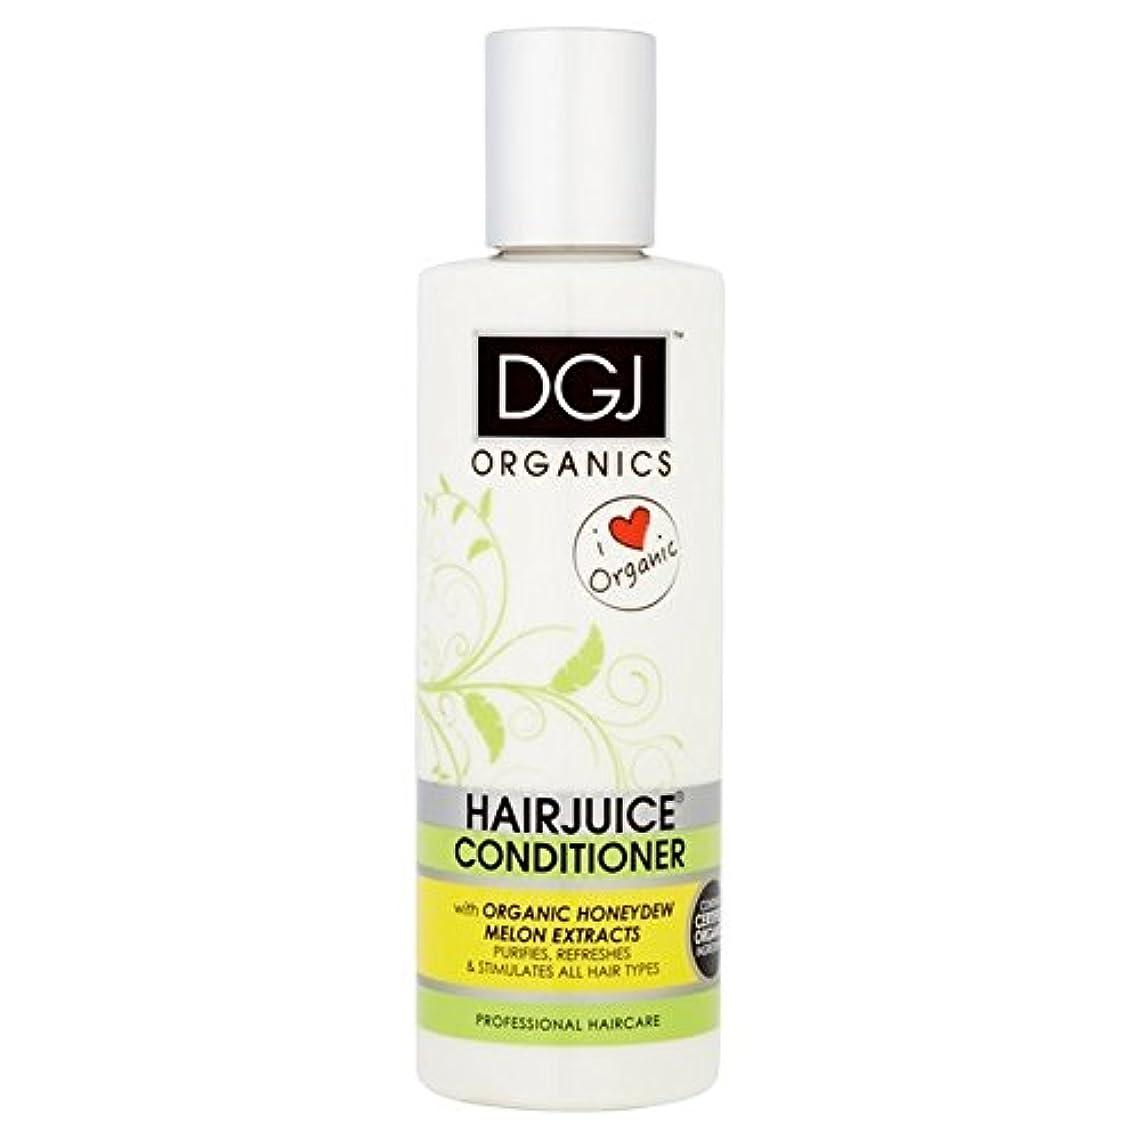 中央マンハッタン捧げる有機メロンコンディショナー250 x2 - DGJ Organic Hairjuice Melon Conditioner 250ml (Pack of 2) [並行輸入品]